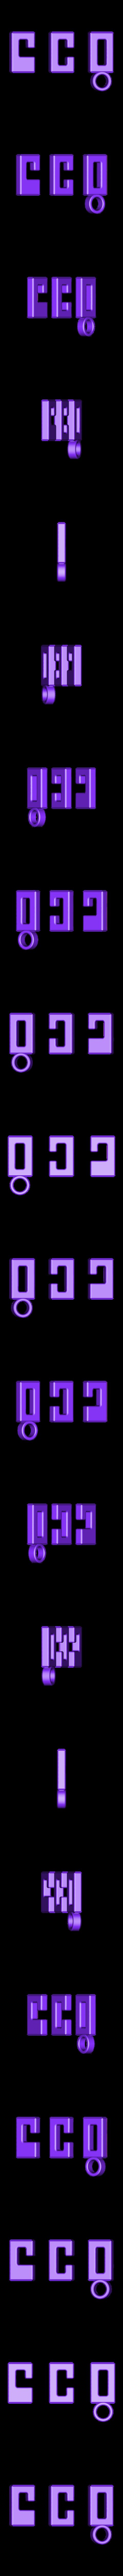 4e5e0c7e 9c3d 4595 8a9d fc686364bec0